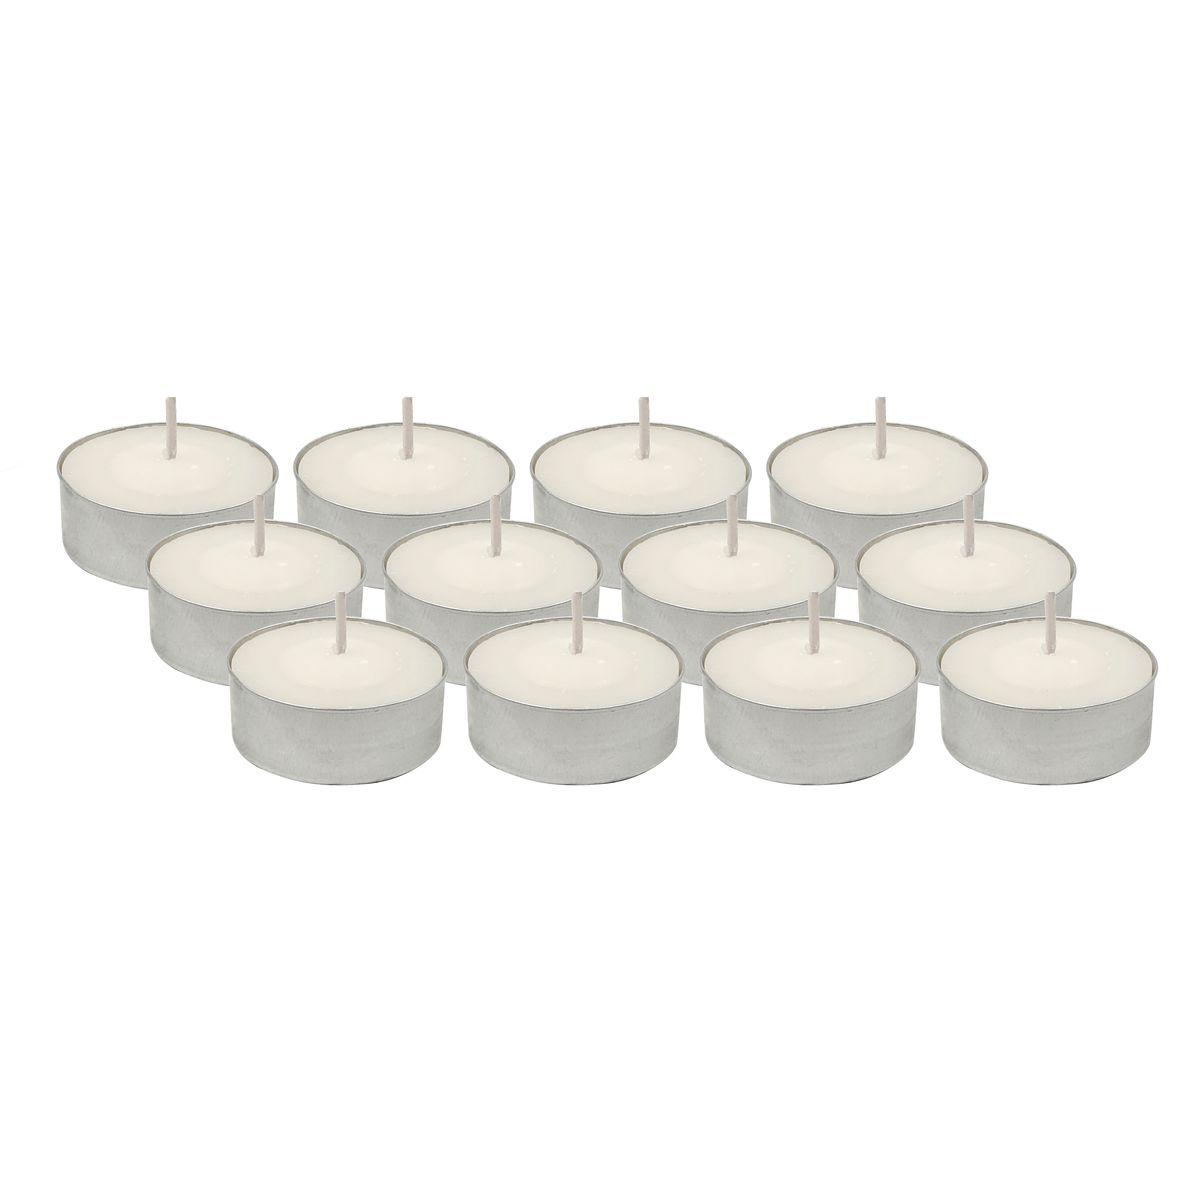 Pack de 12 bougies pour raclette ou fondue - Cookut